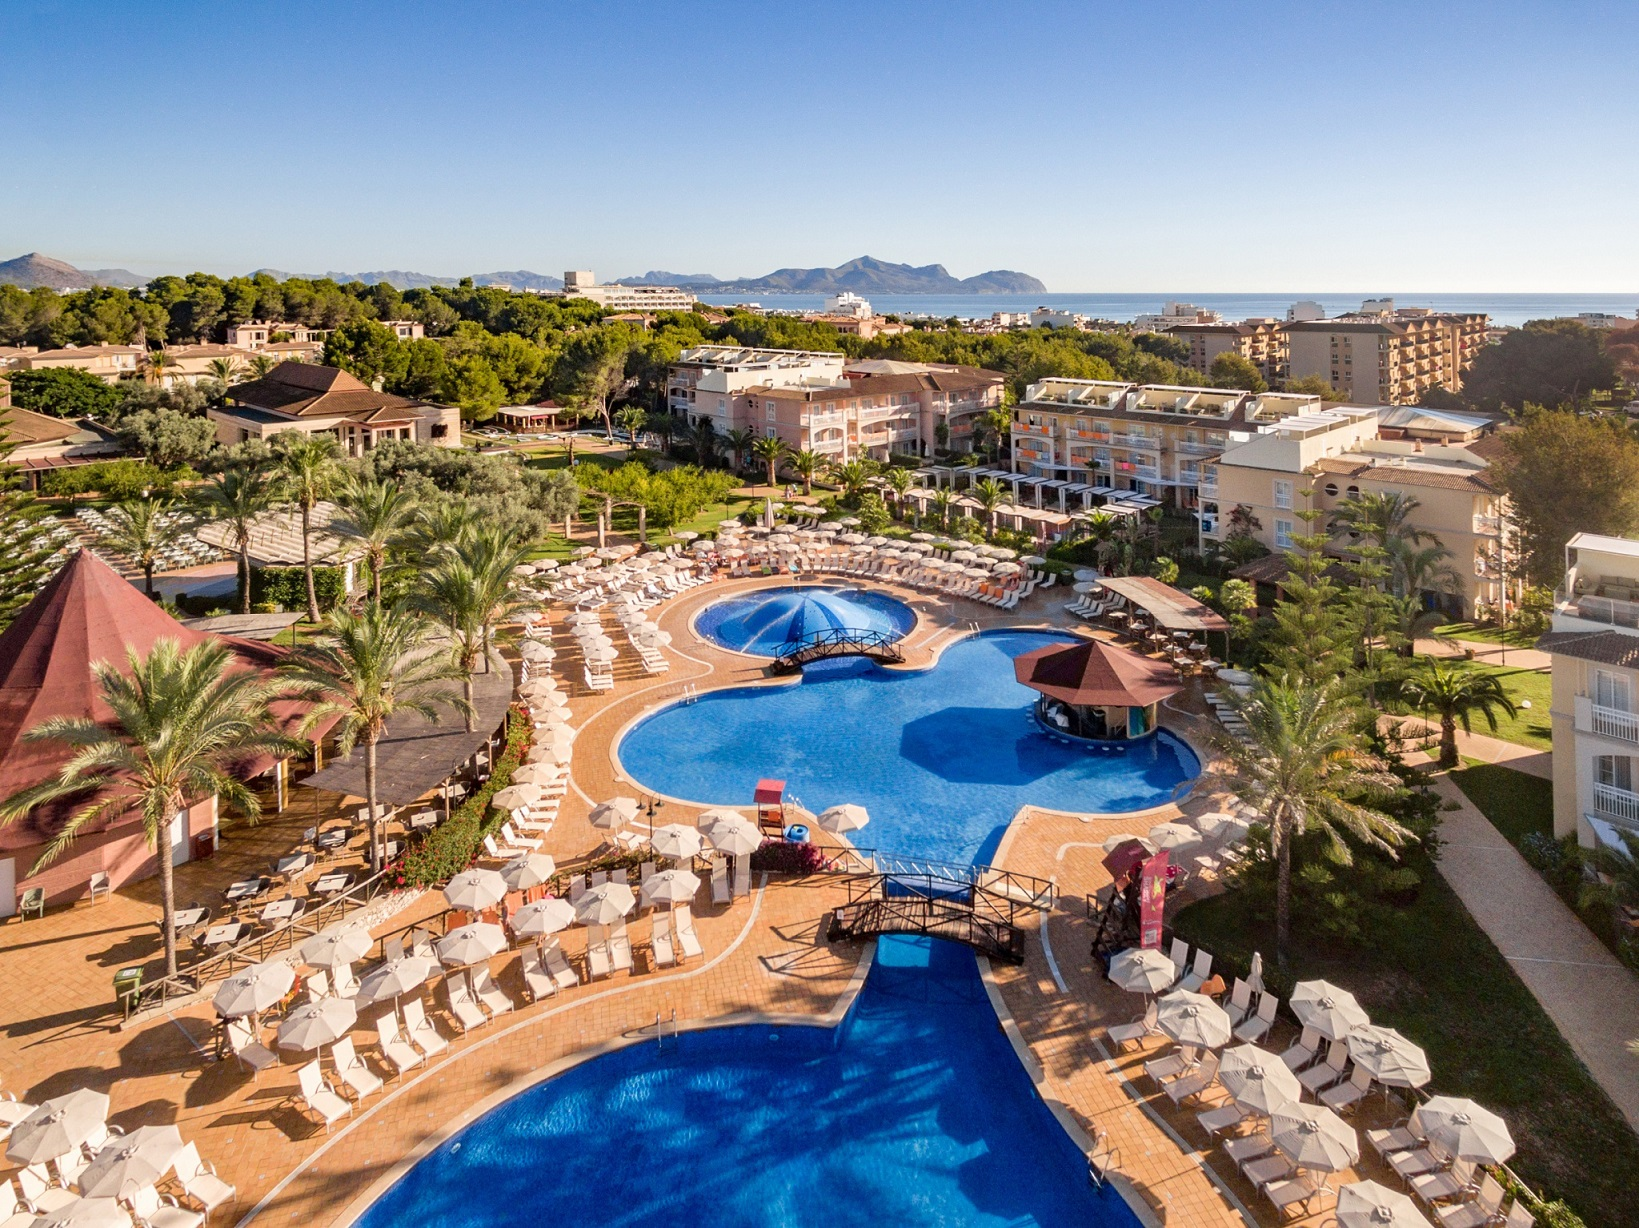 Top 10 All-Inclusive Hotels in Mallorca